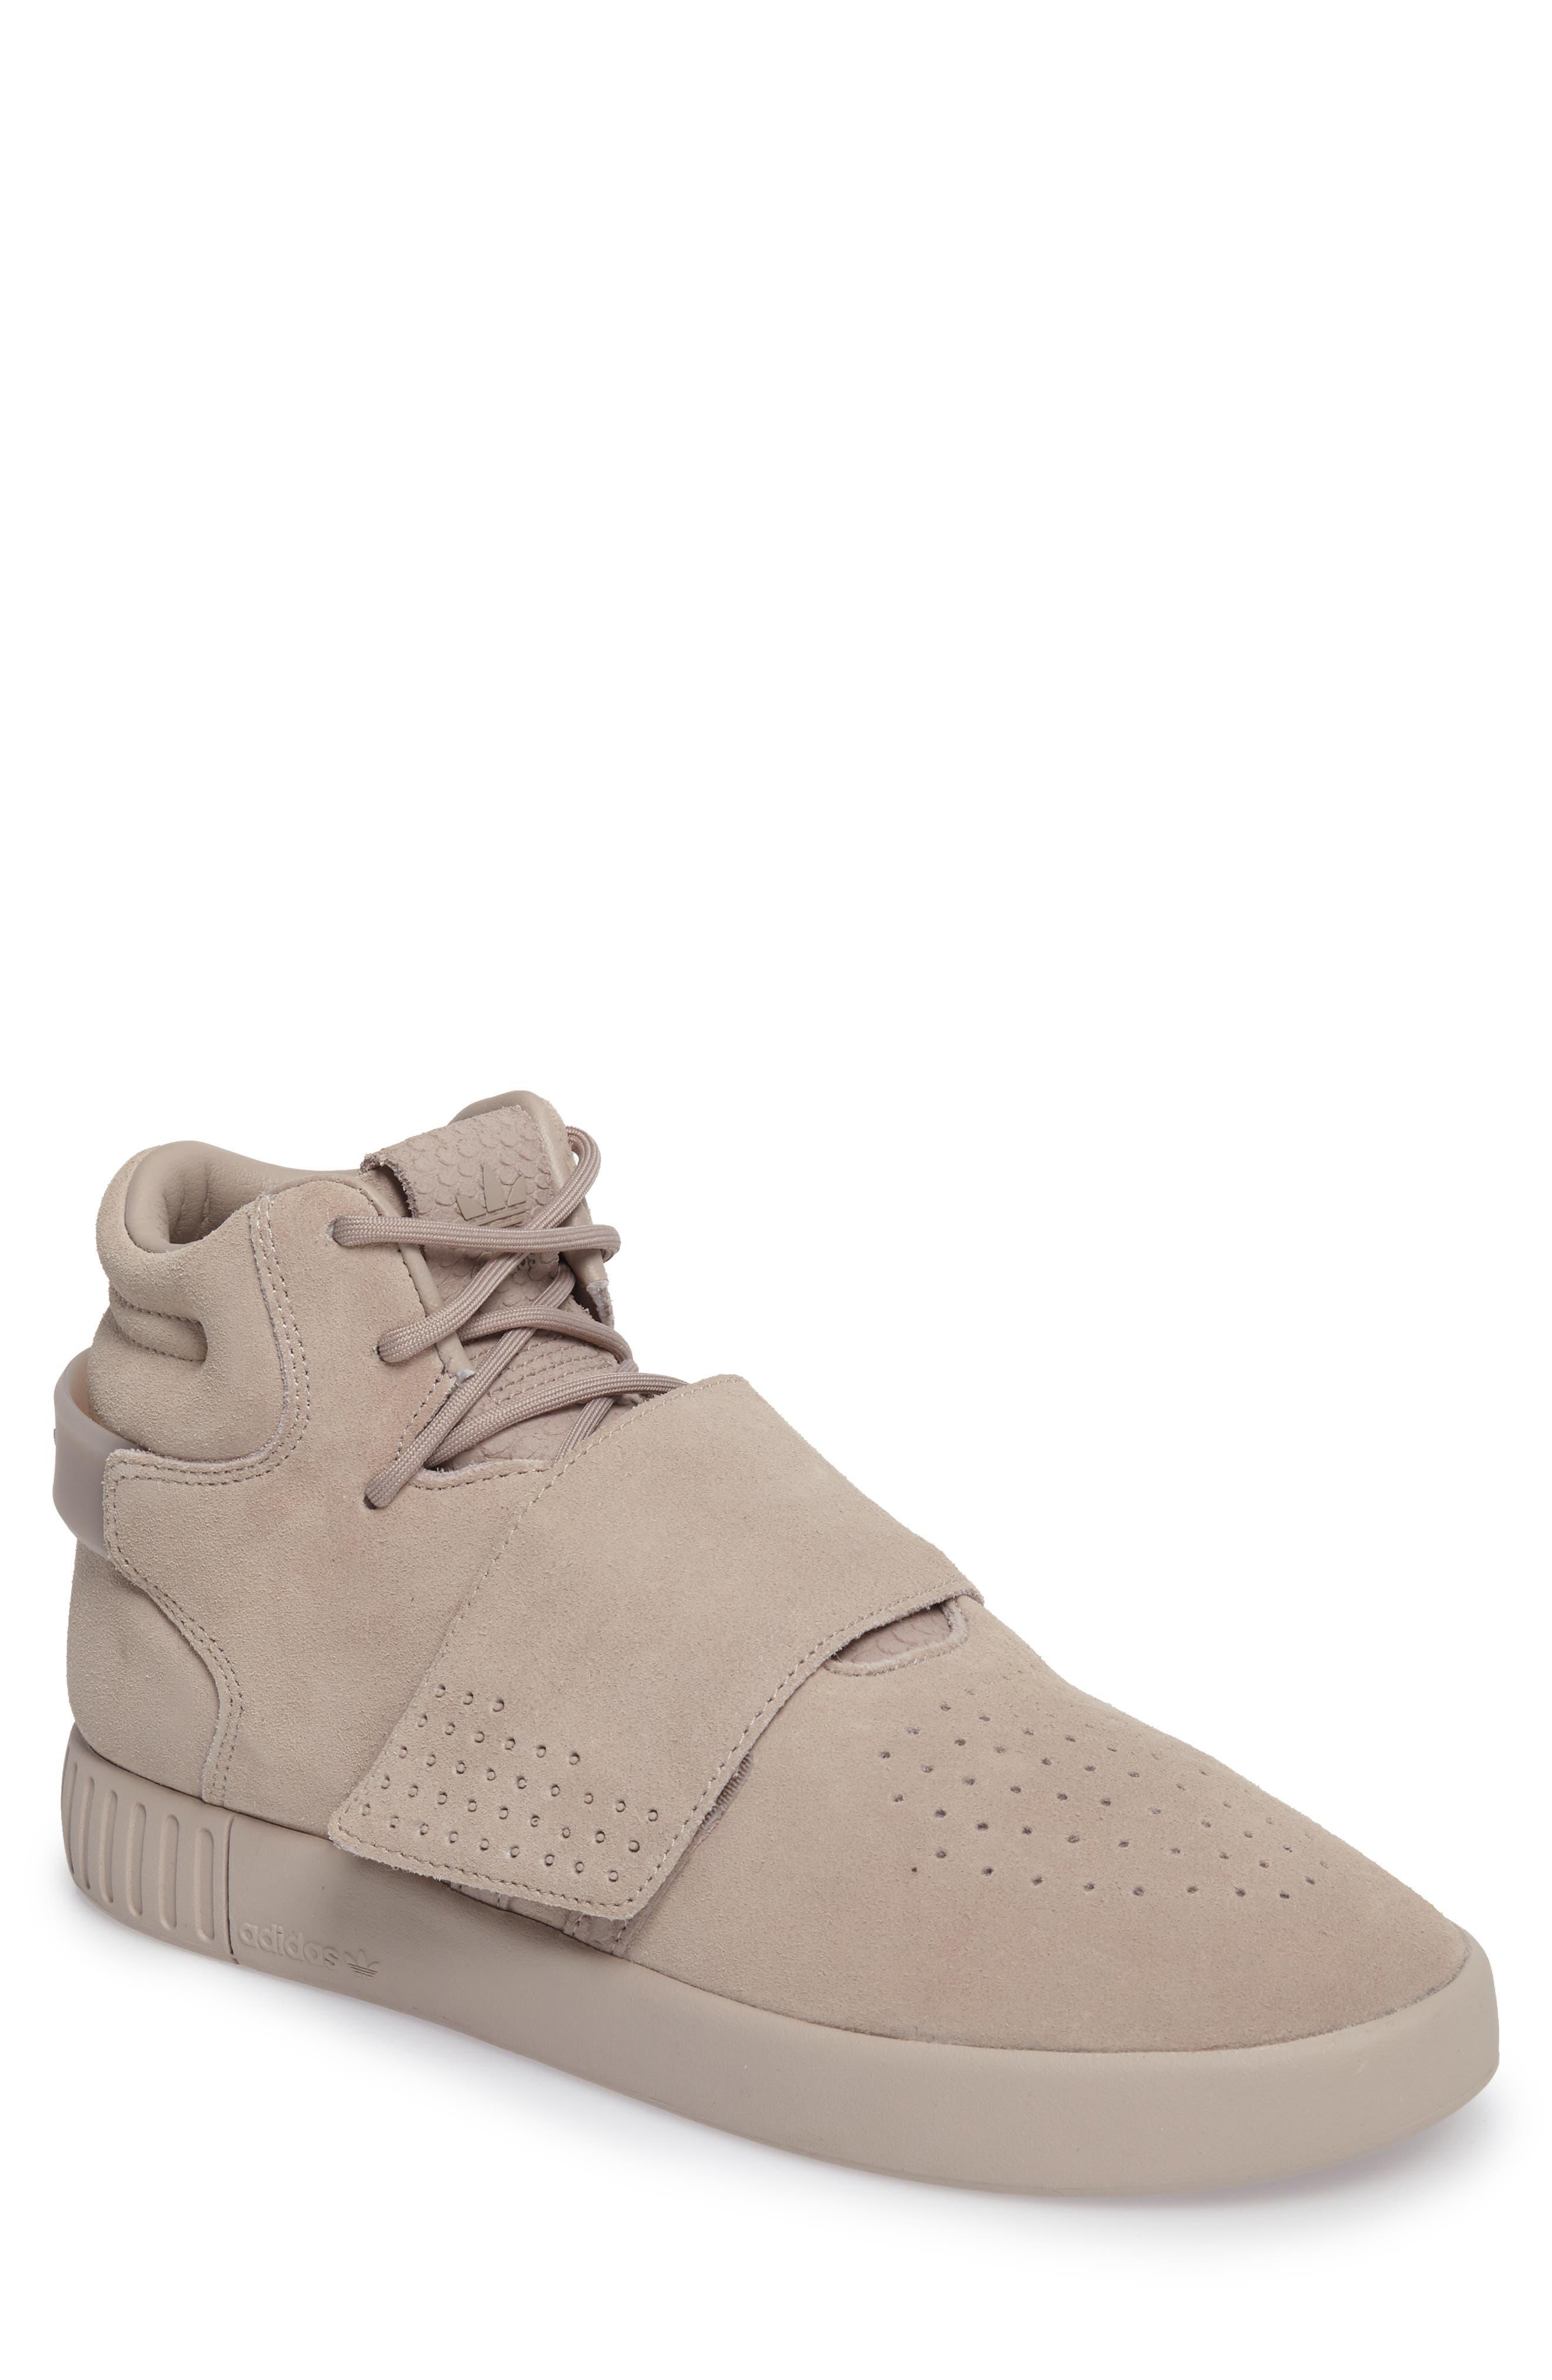 adidas Tubular Invader Sneaker (Men)